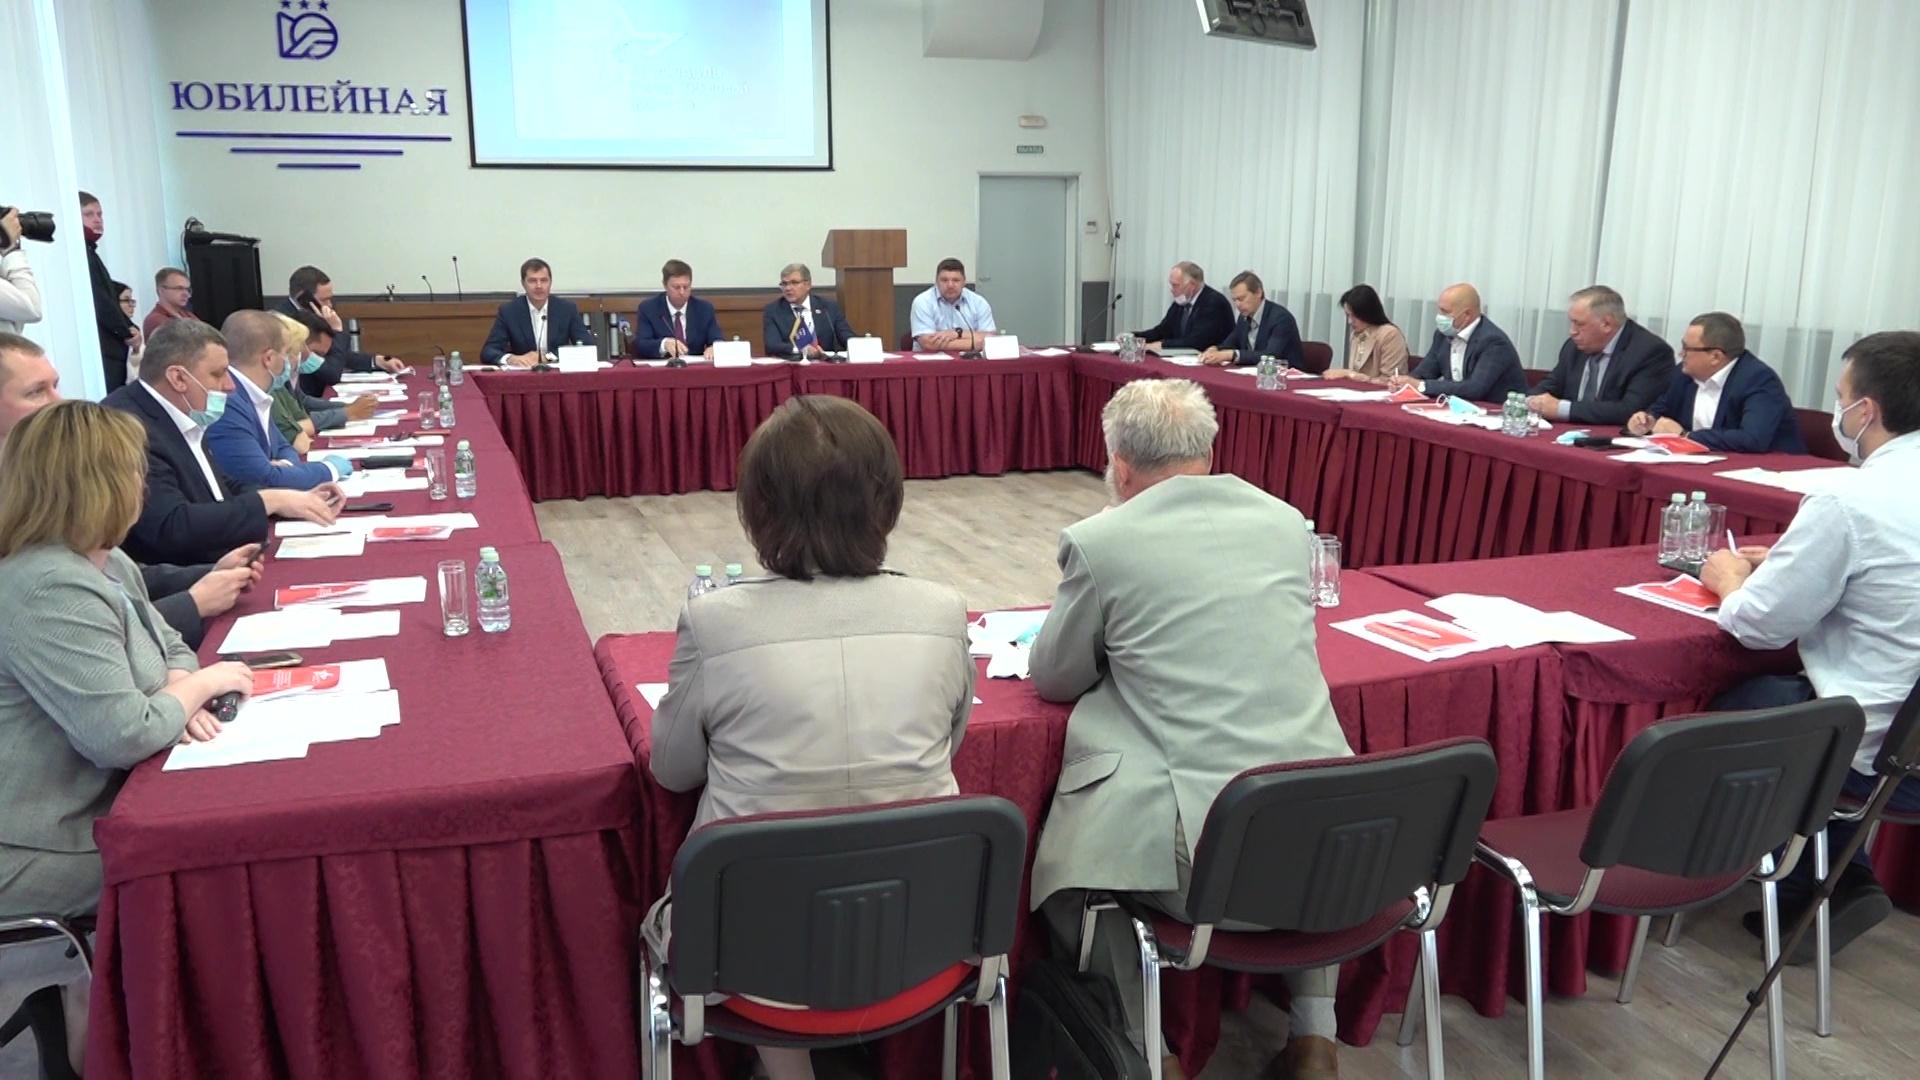 Ярославцы сами выберут место стелы в честь присвоения городу статуса «Города трудовой доблести»